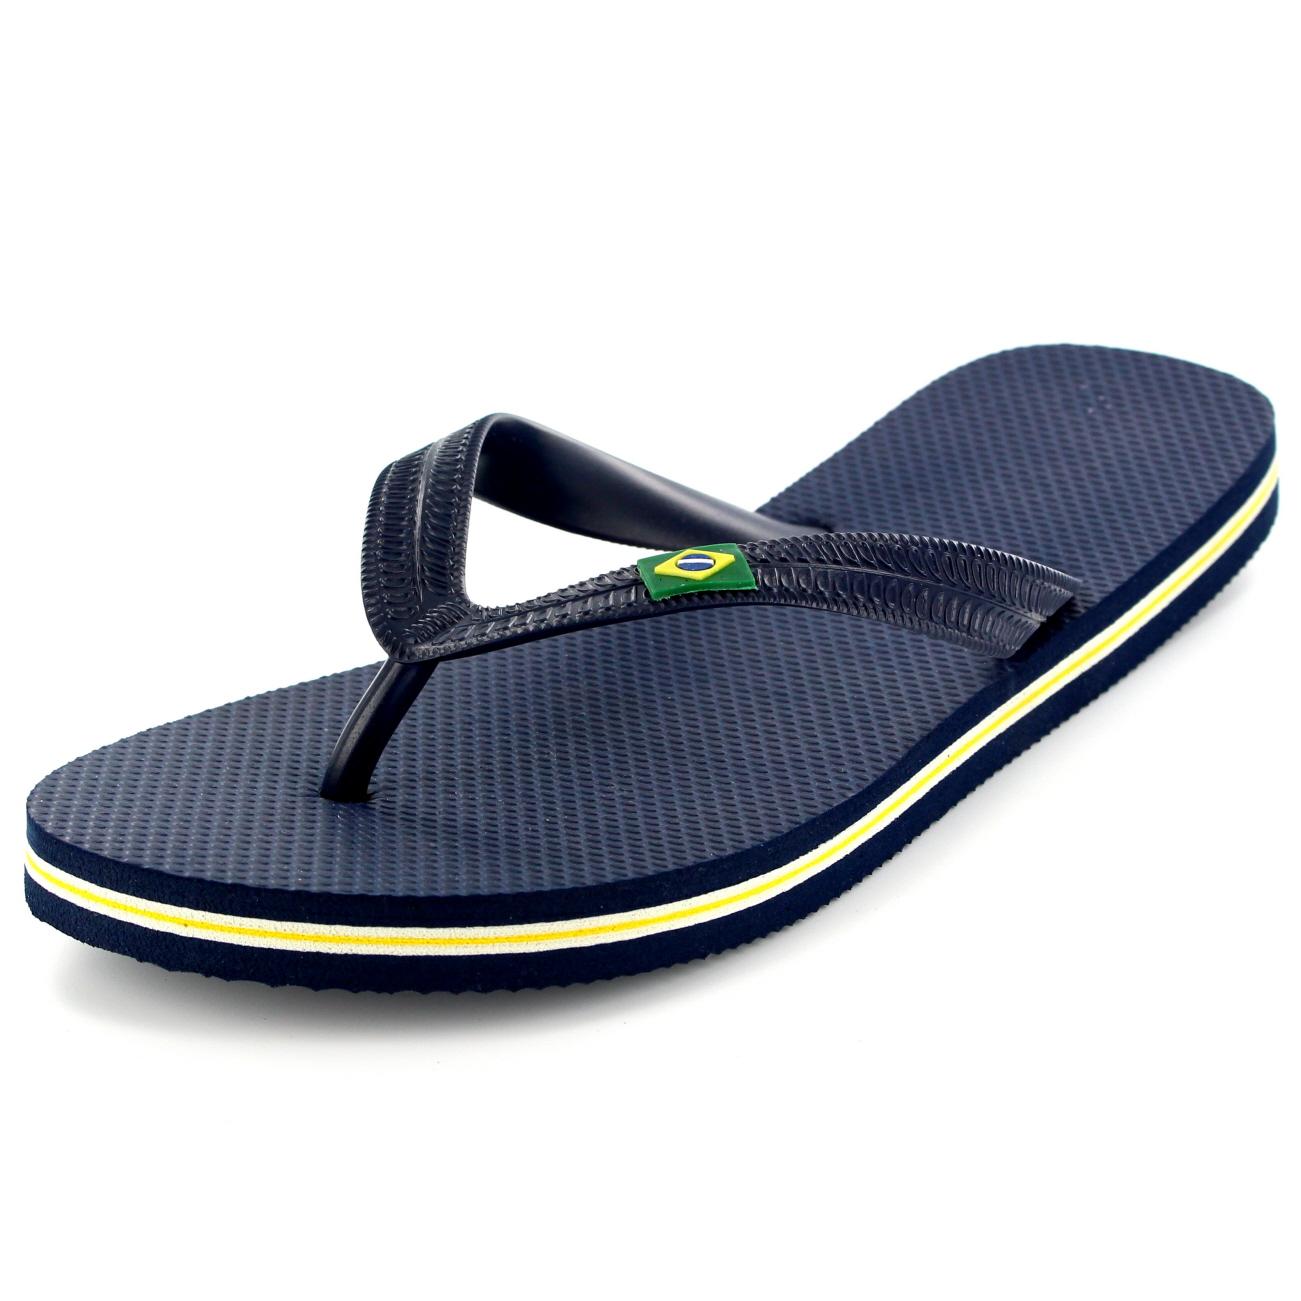 mens brazil logo beach summer brasil holiday sandals shoes. Black Bedroom Furniture Sets. Home Design Ideas